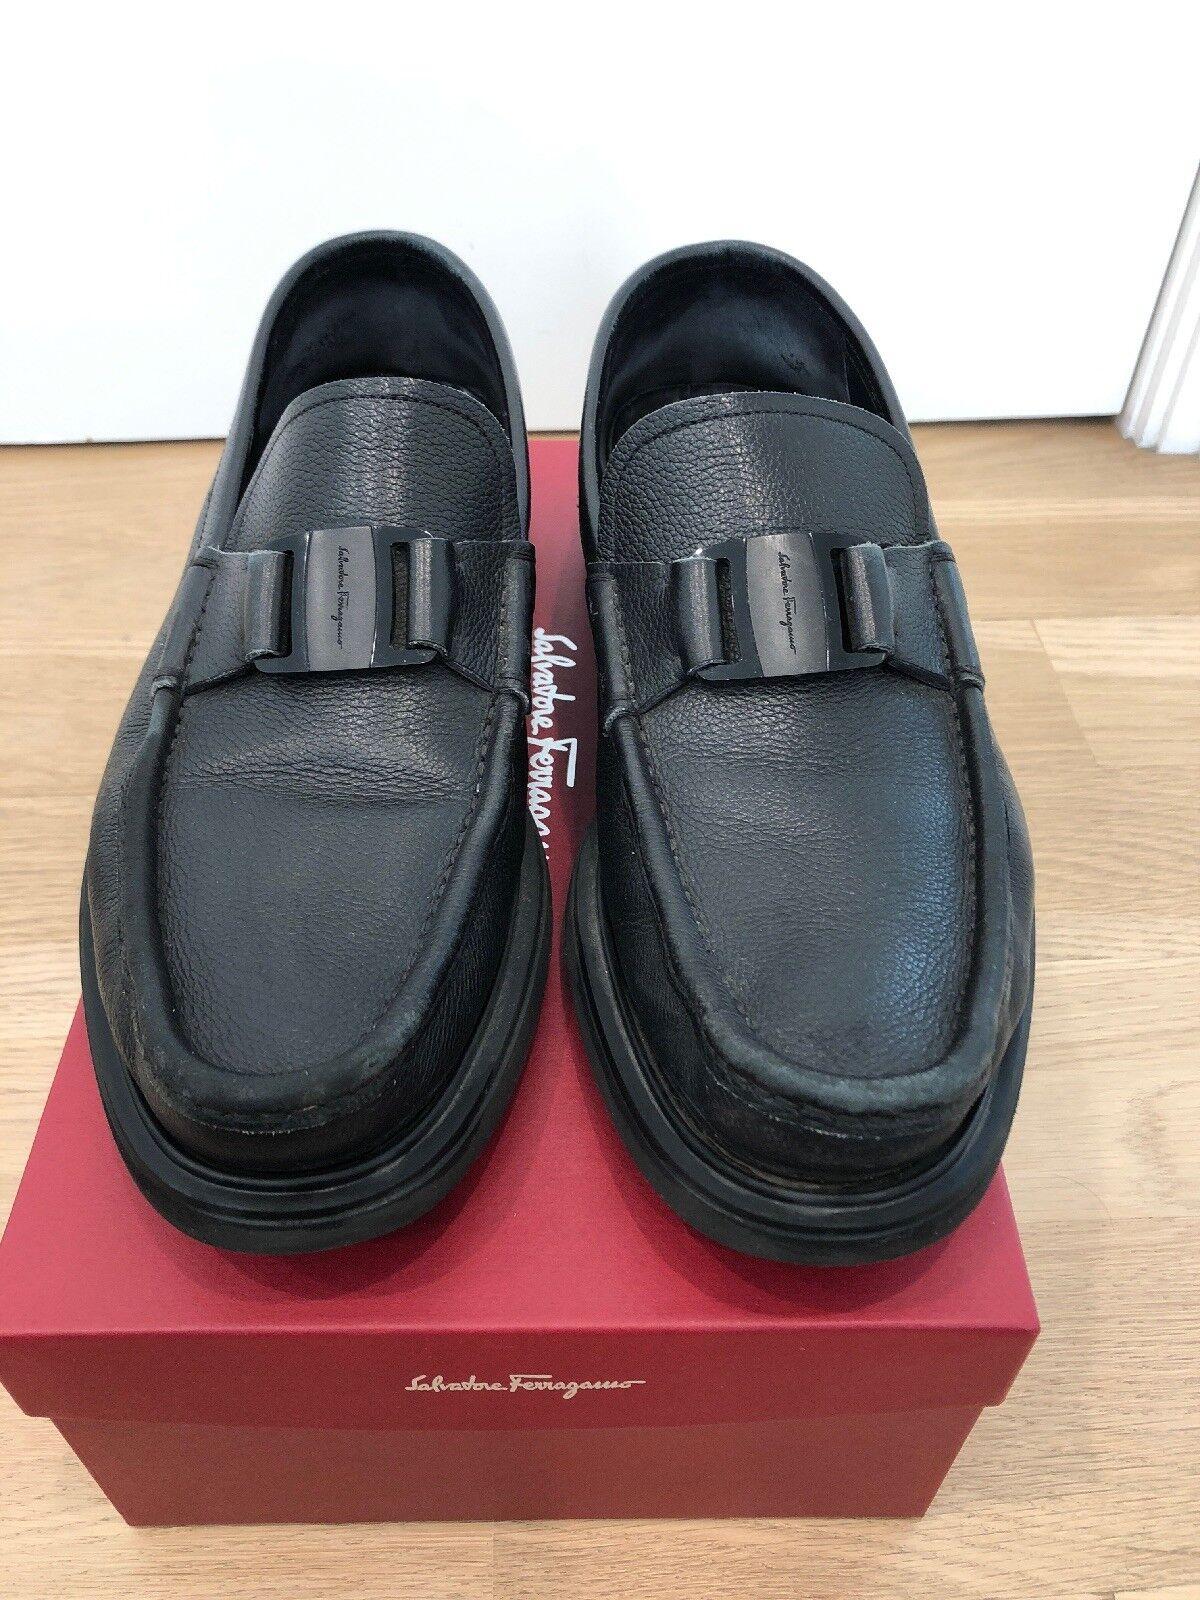 Excelente Hombre Zapatos Talla Condición Salvatore Usada Ferragamo 1FcJ3TlK